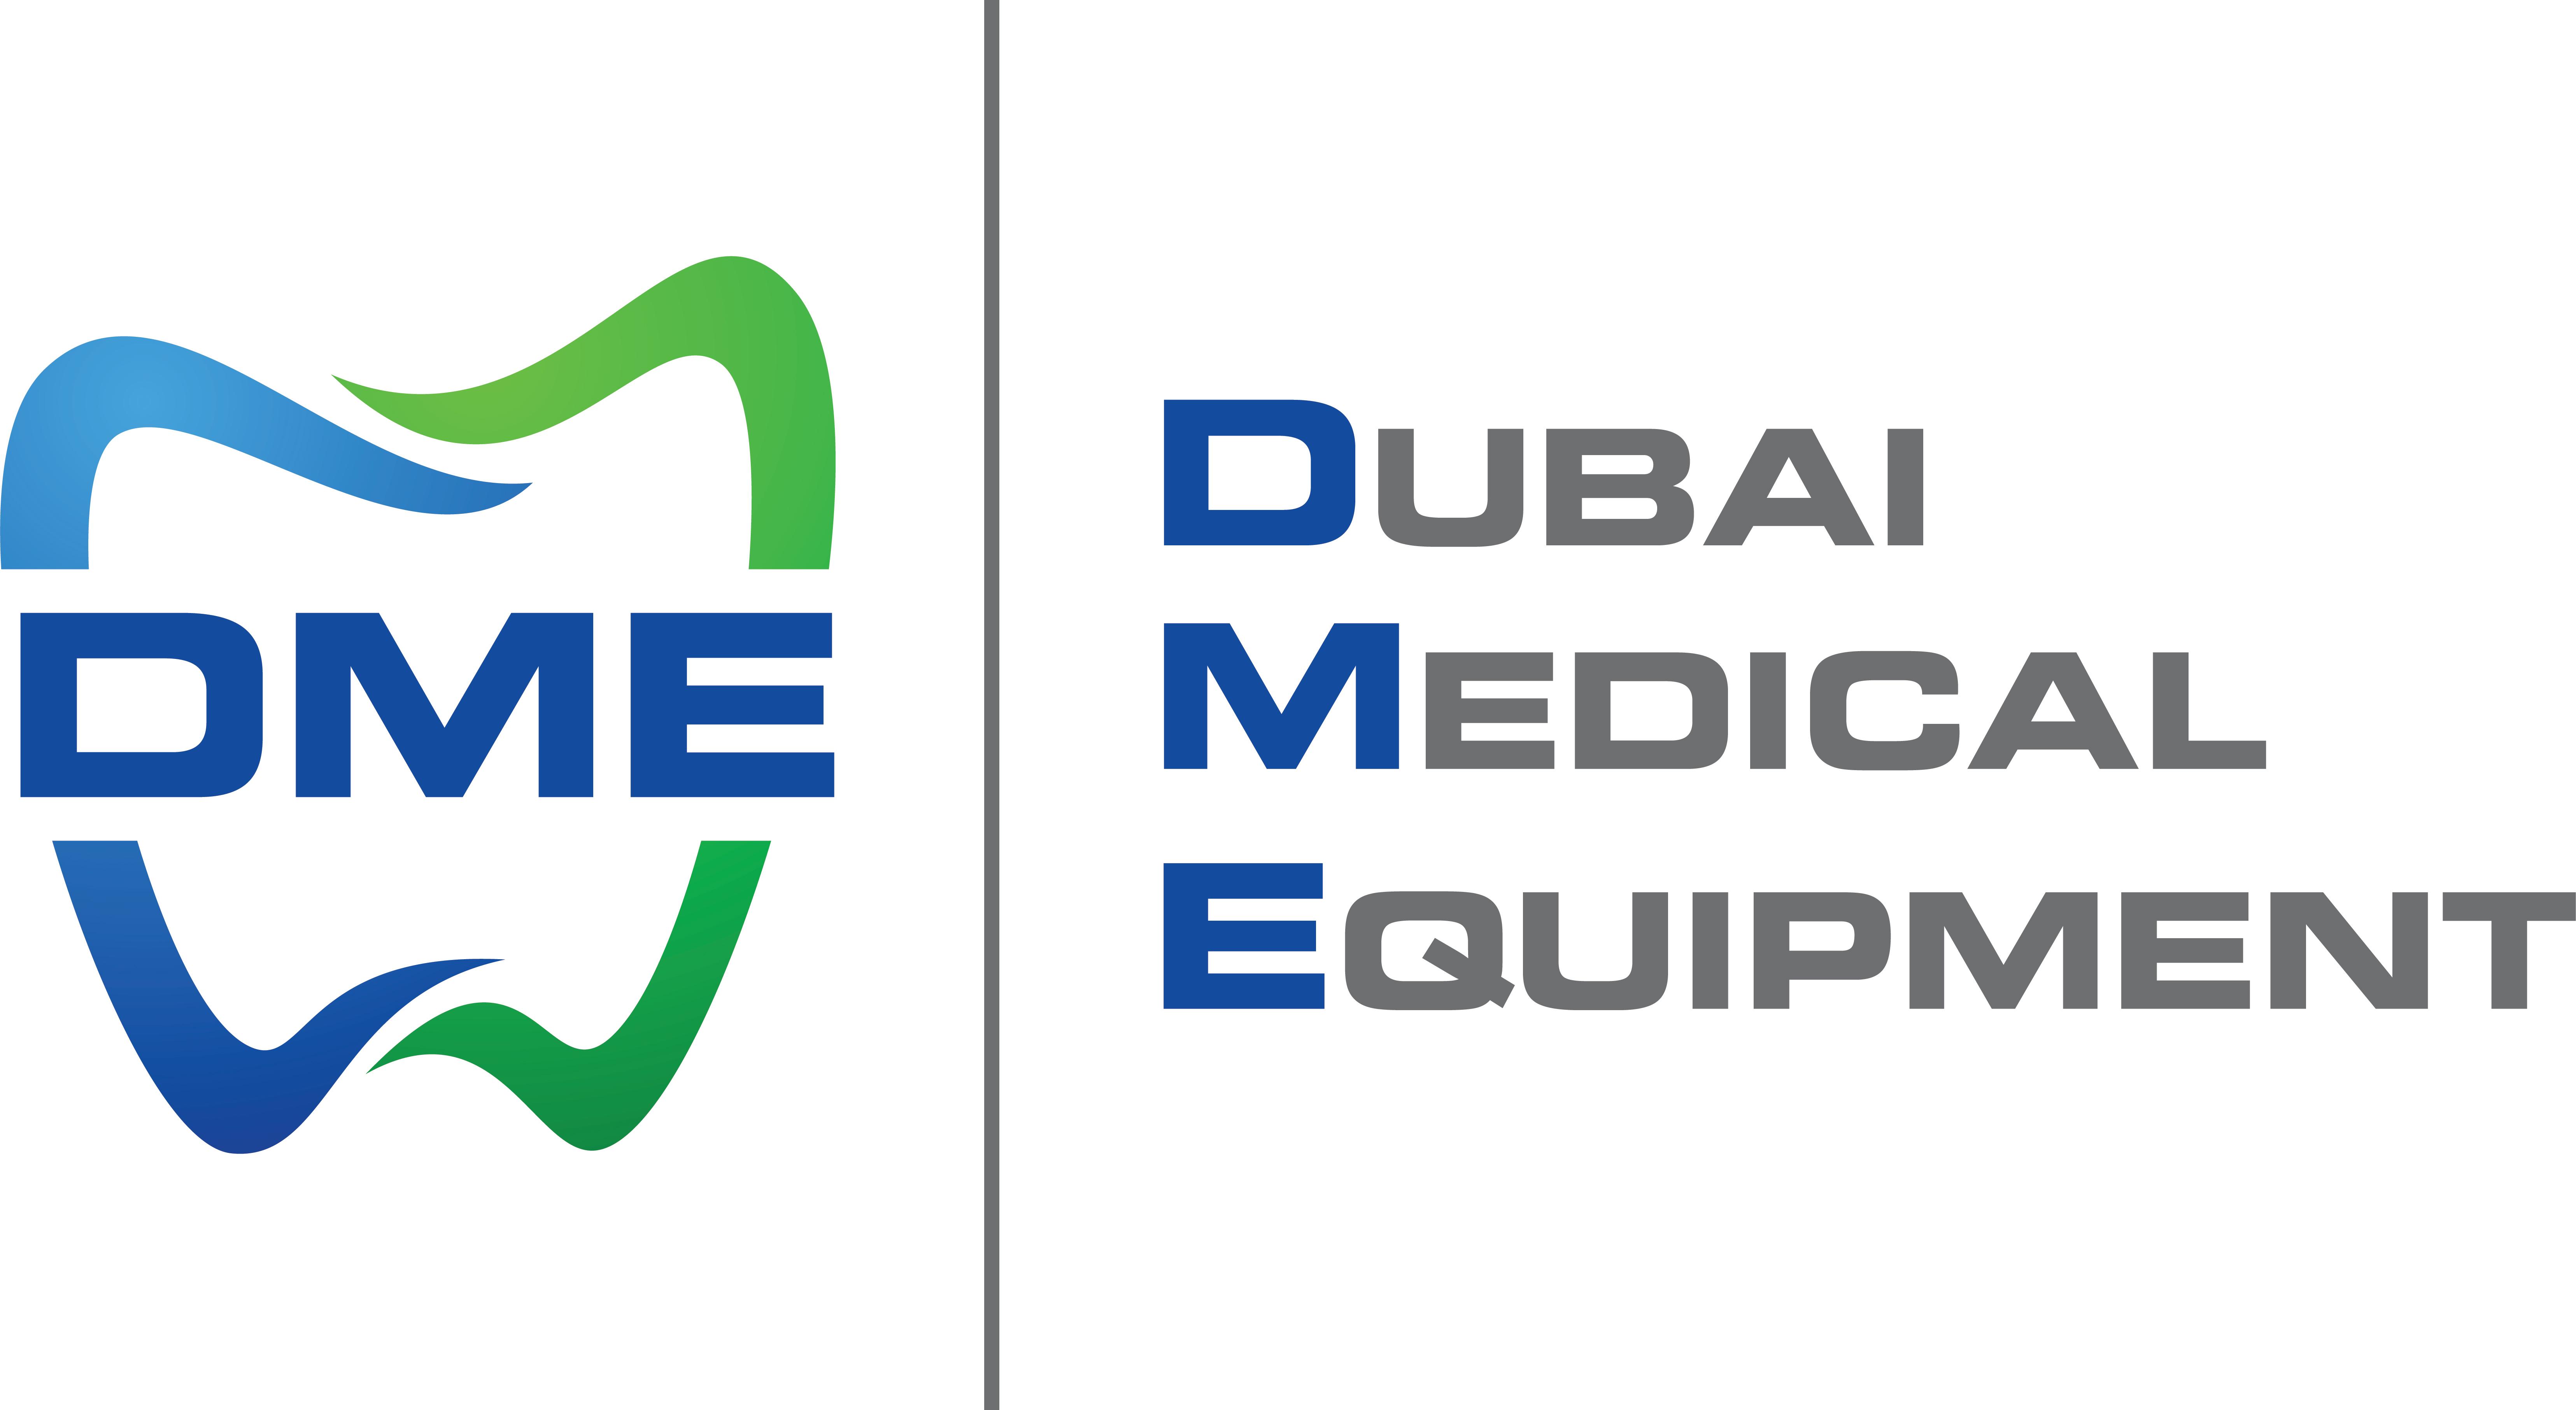 Dubai Medical Equipment